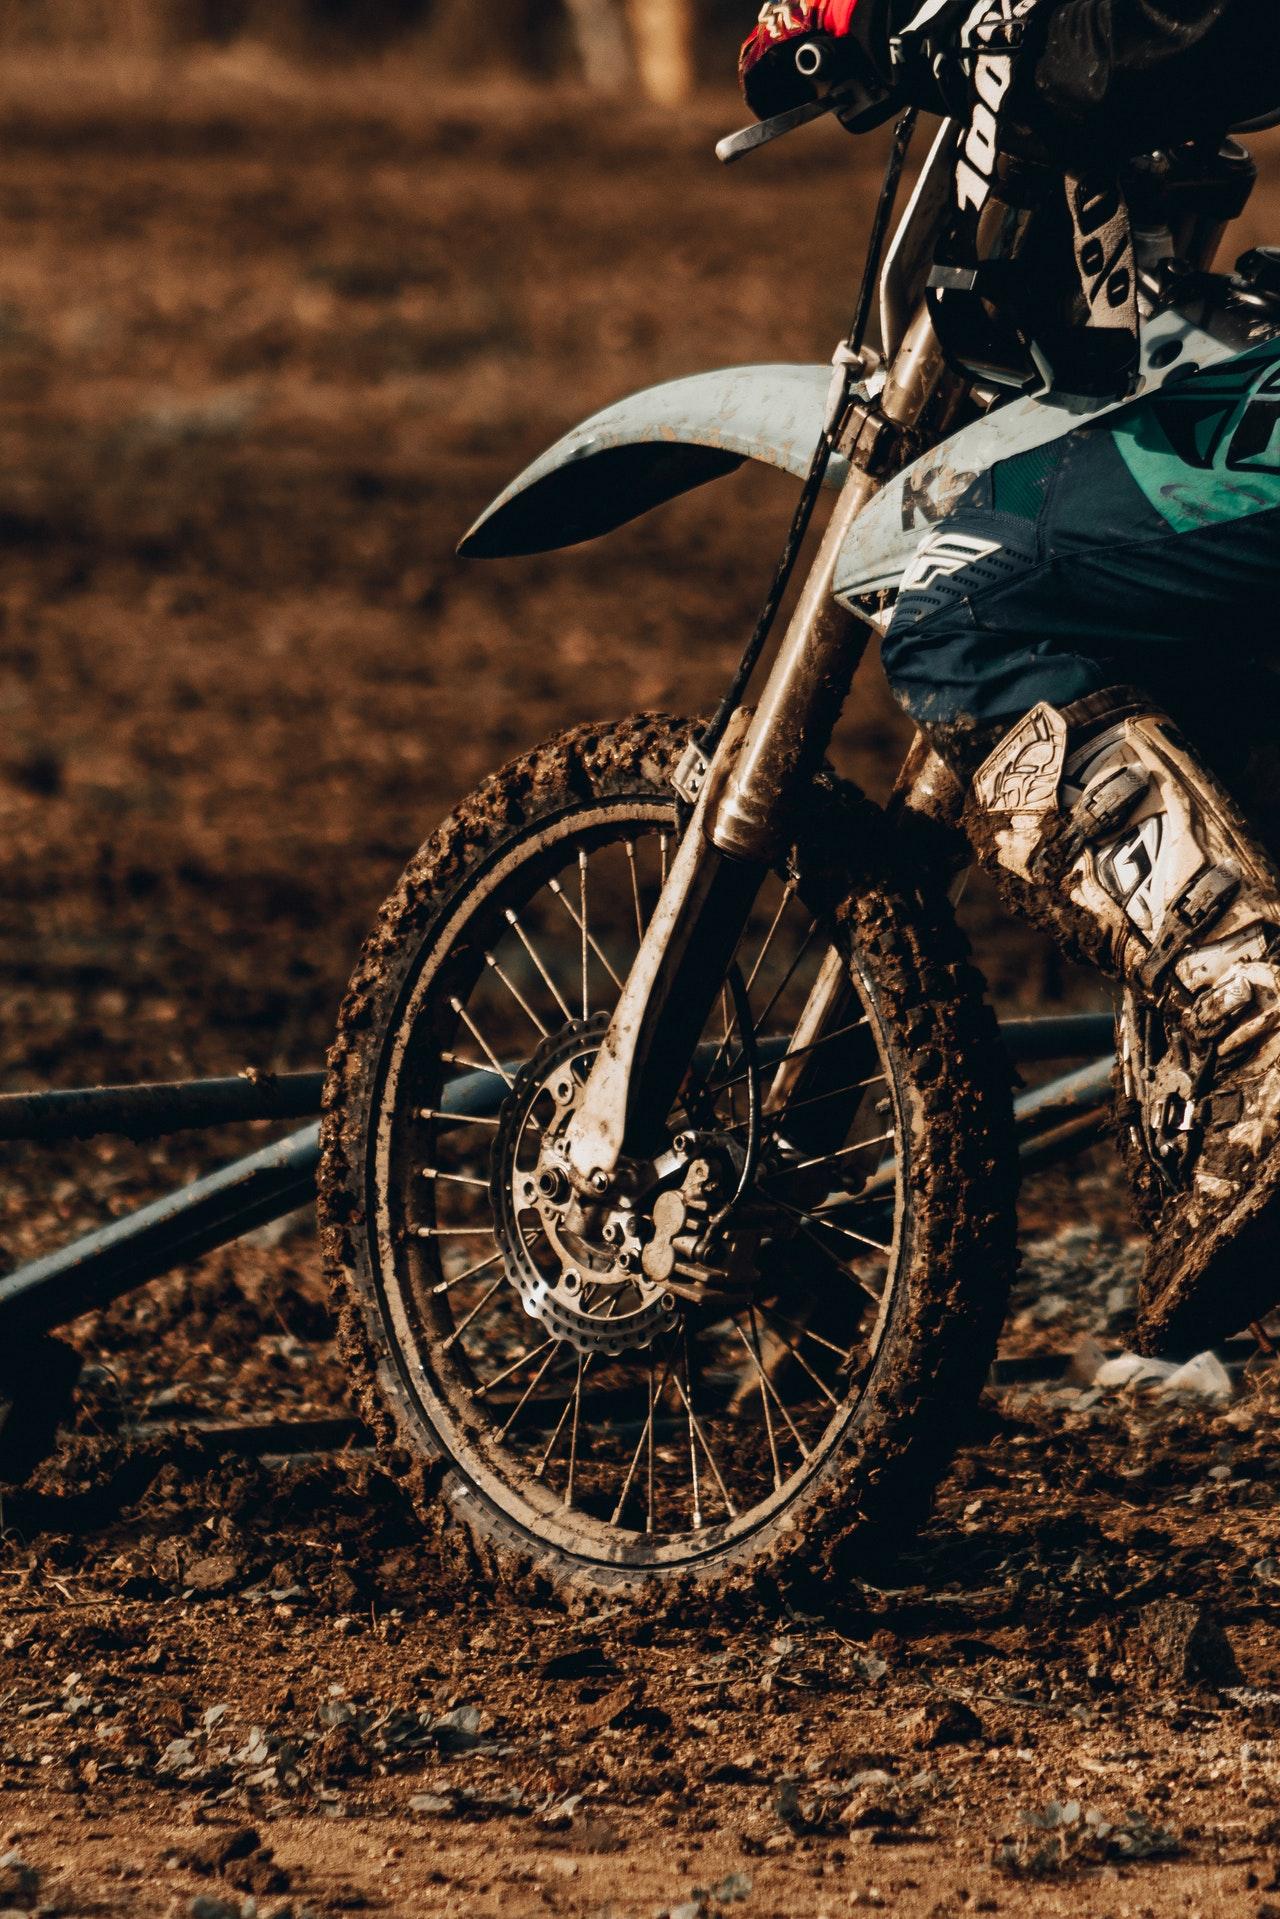 Dirt bike, ATV, and e-bikes